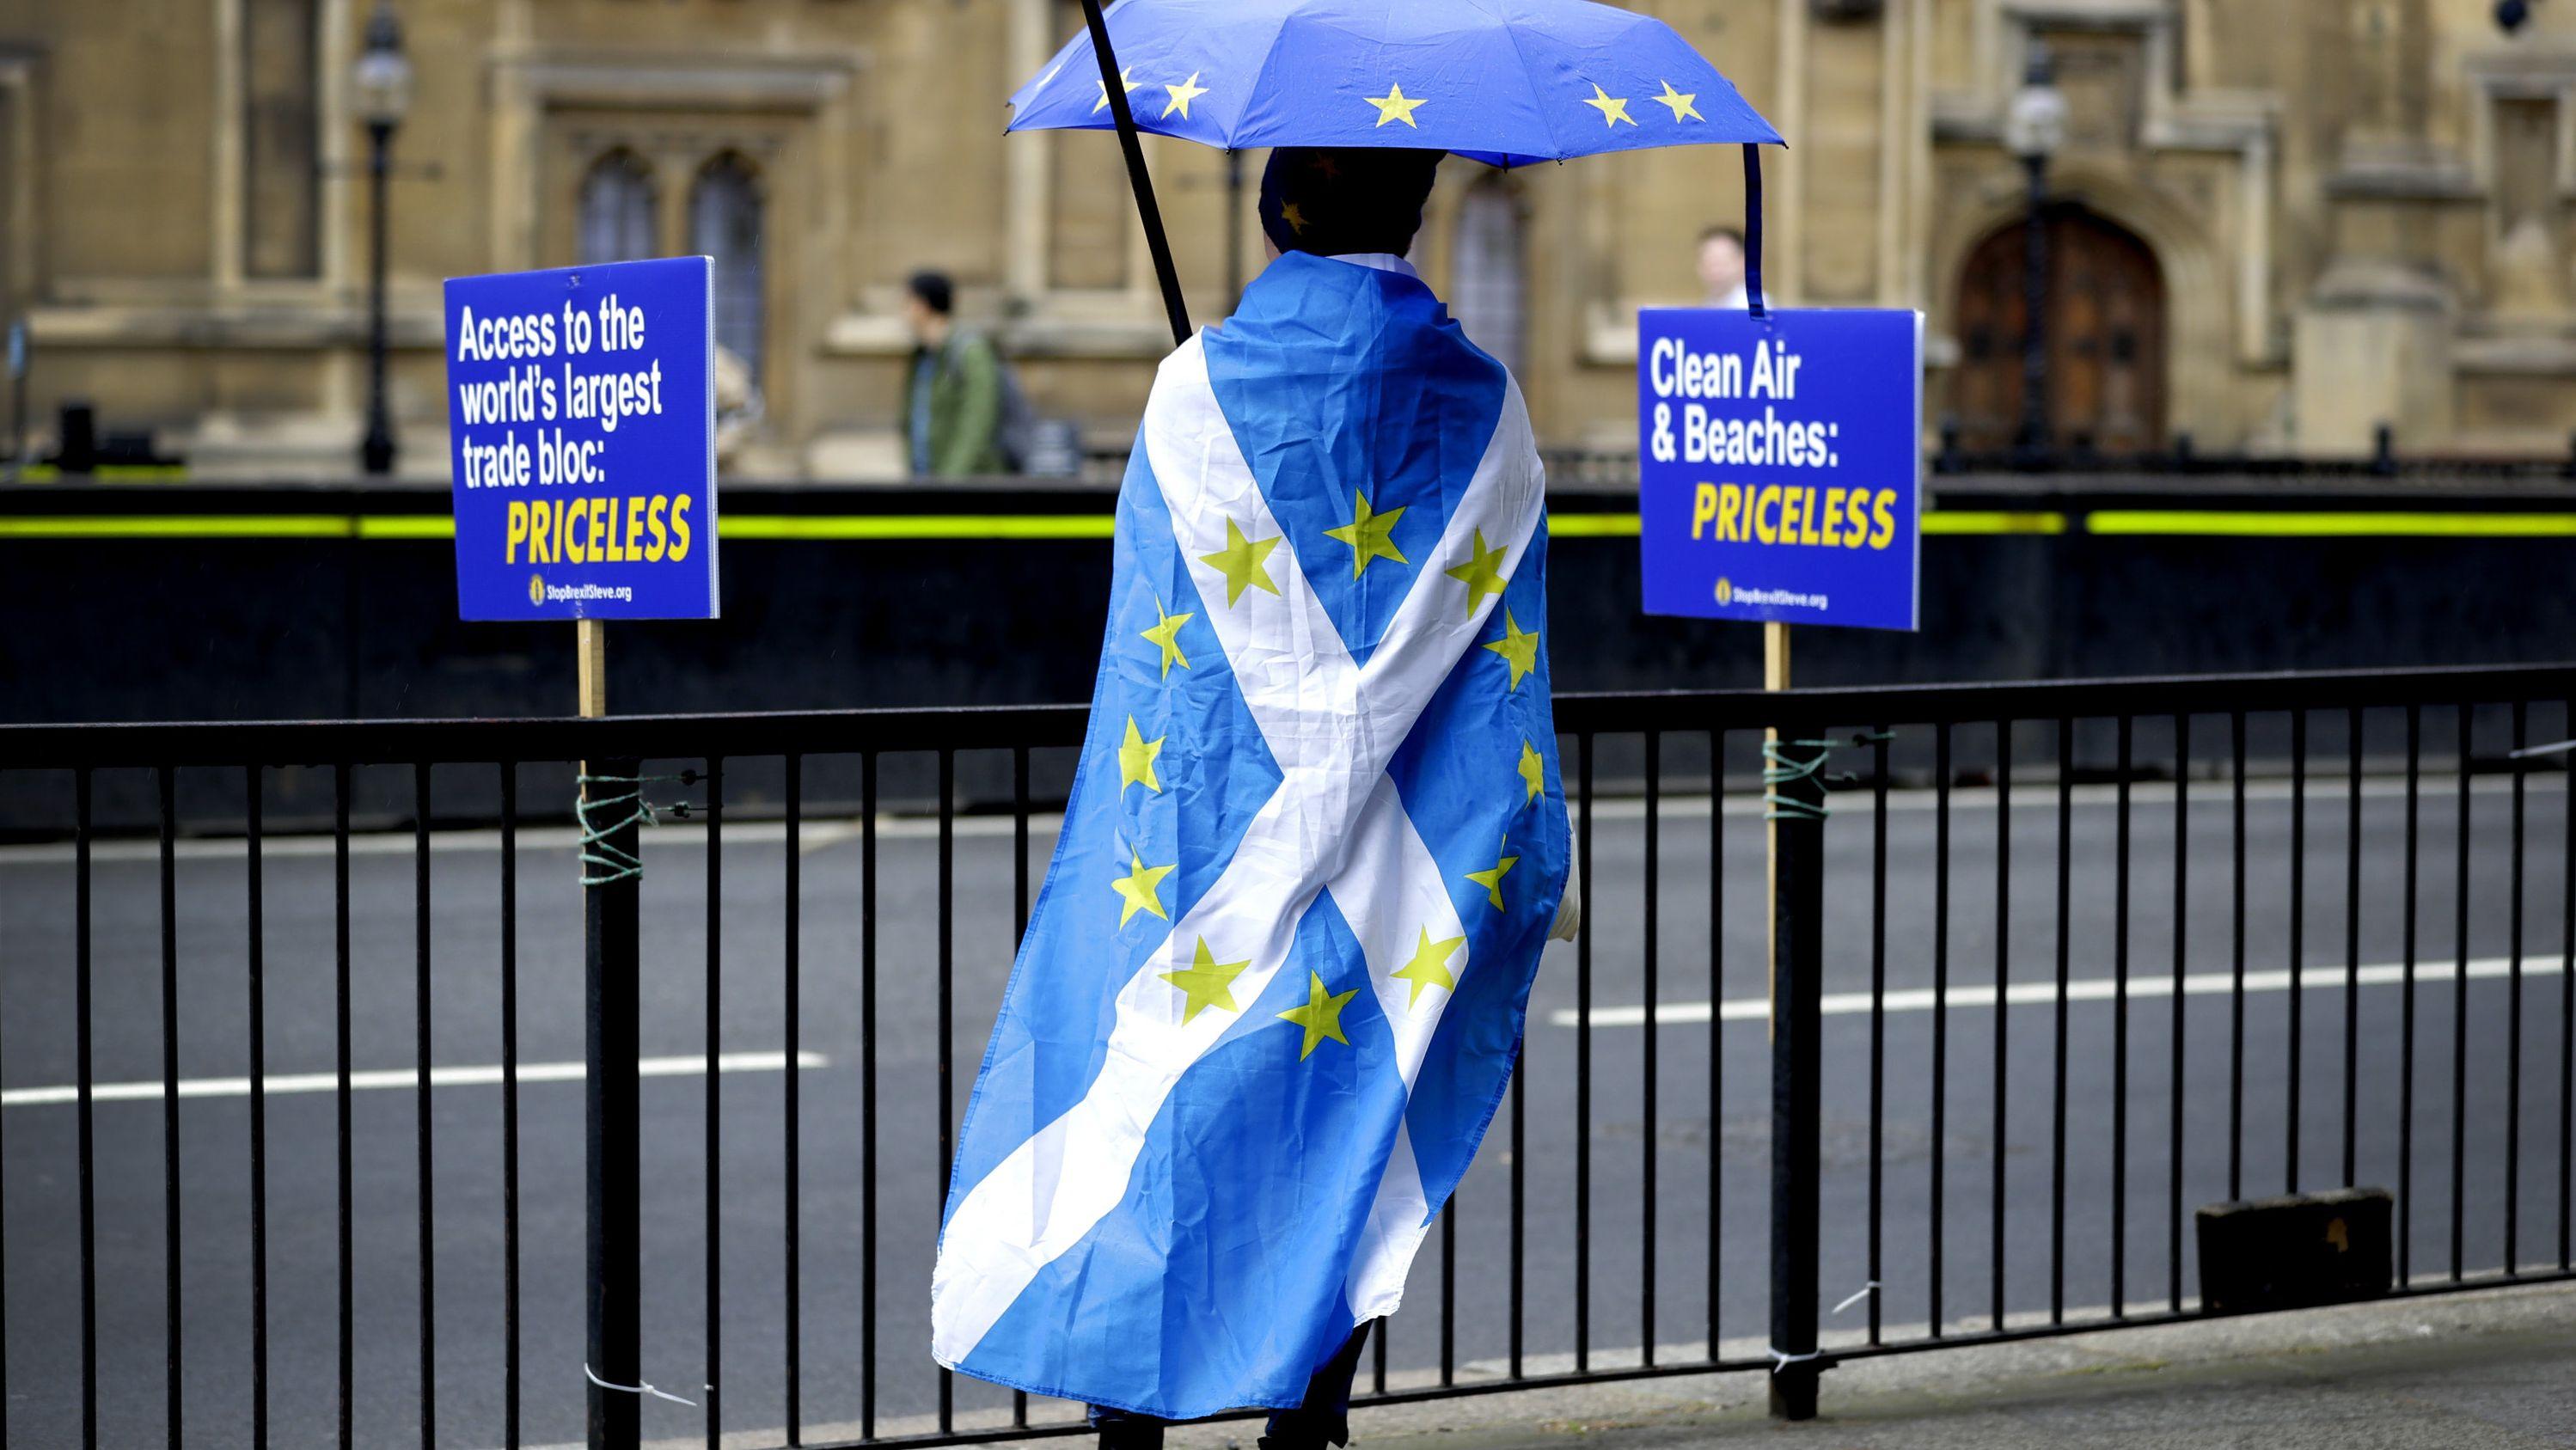 Ein Brexitgegner demonstriert gegenüber dem britischen Parlament mit einer schottischen Flagge als Umhang, auf die die Sterne der EU-Flagge gedruckt sind.